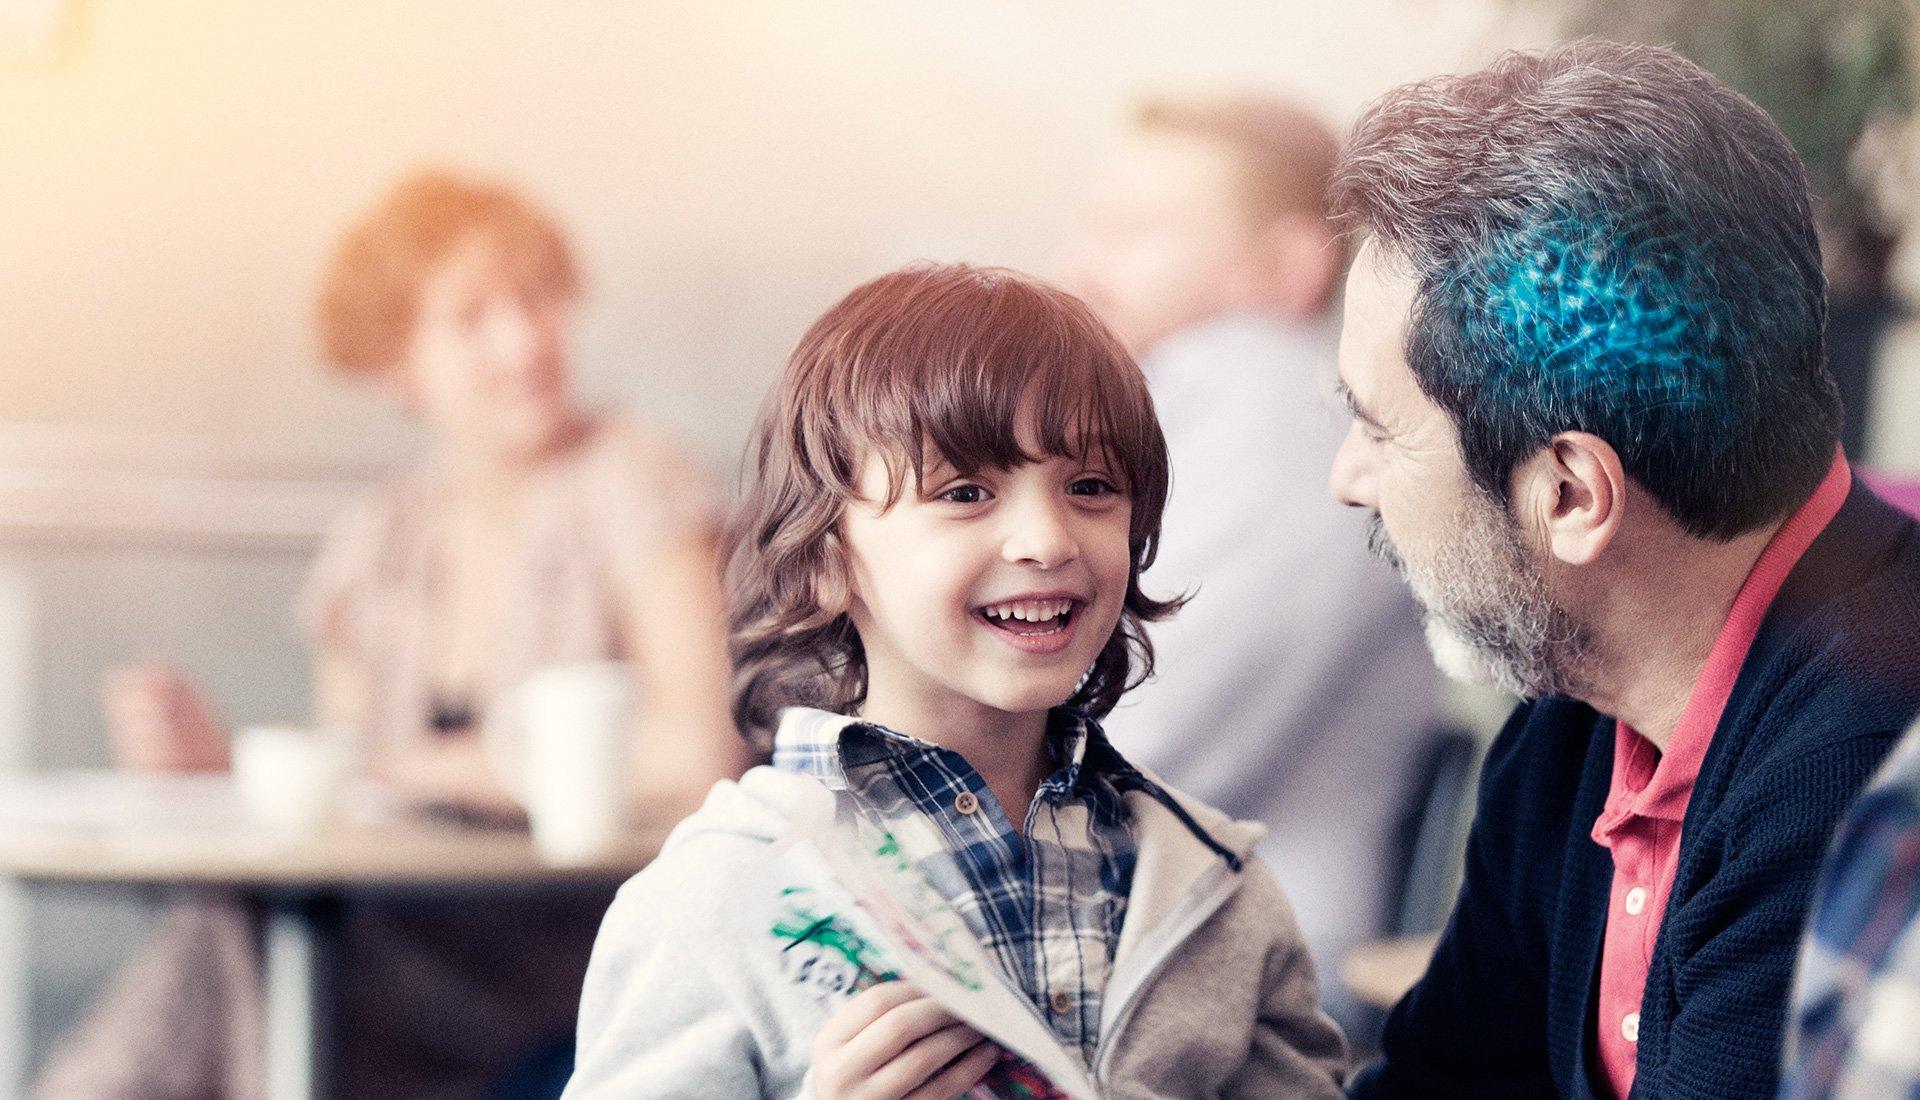 jeune garçon avec son papa dont le cerveau est illuminé en bleu brainhearing oticon